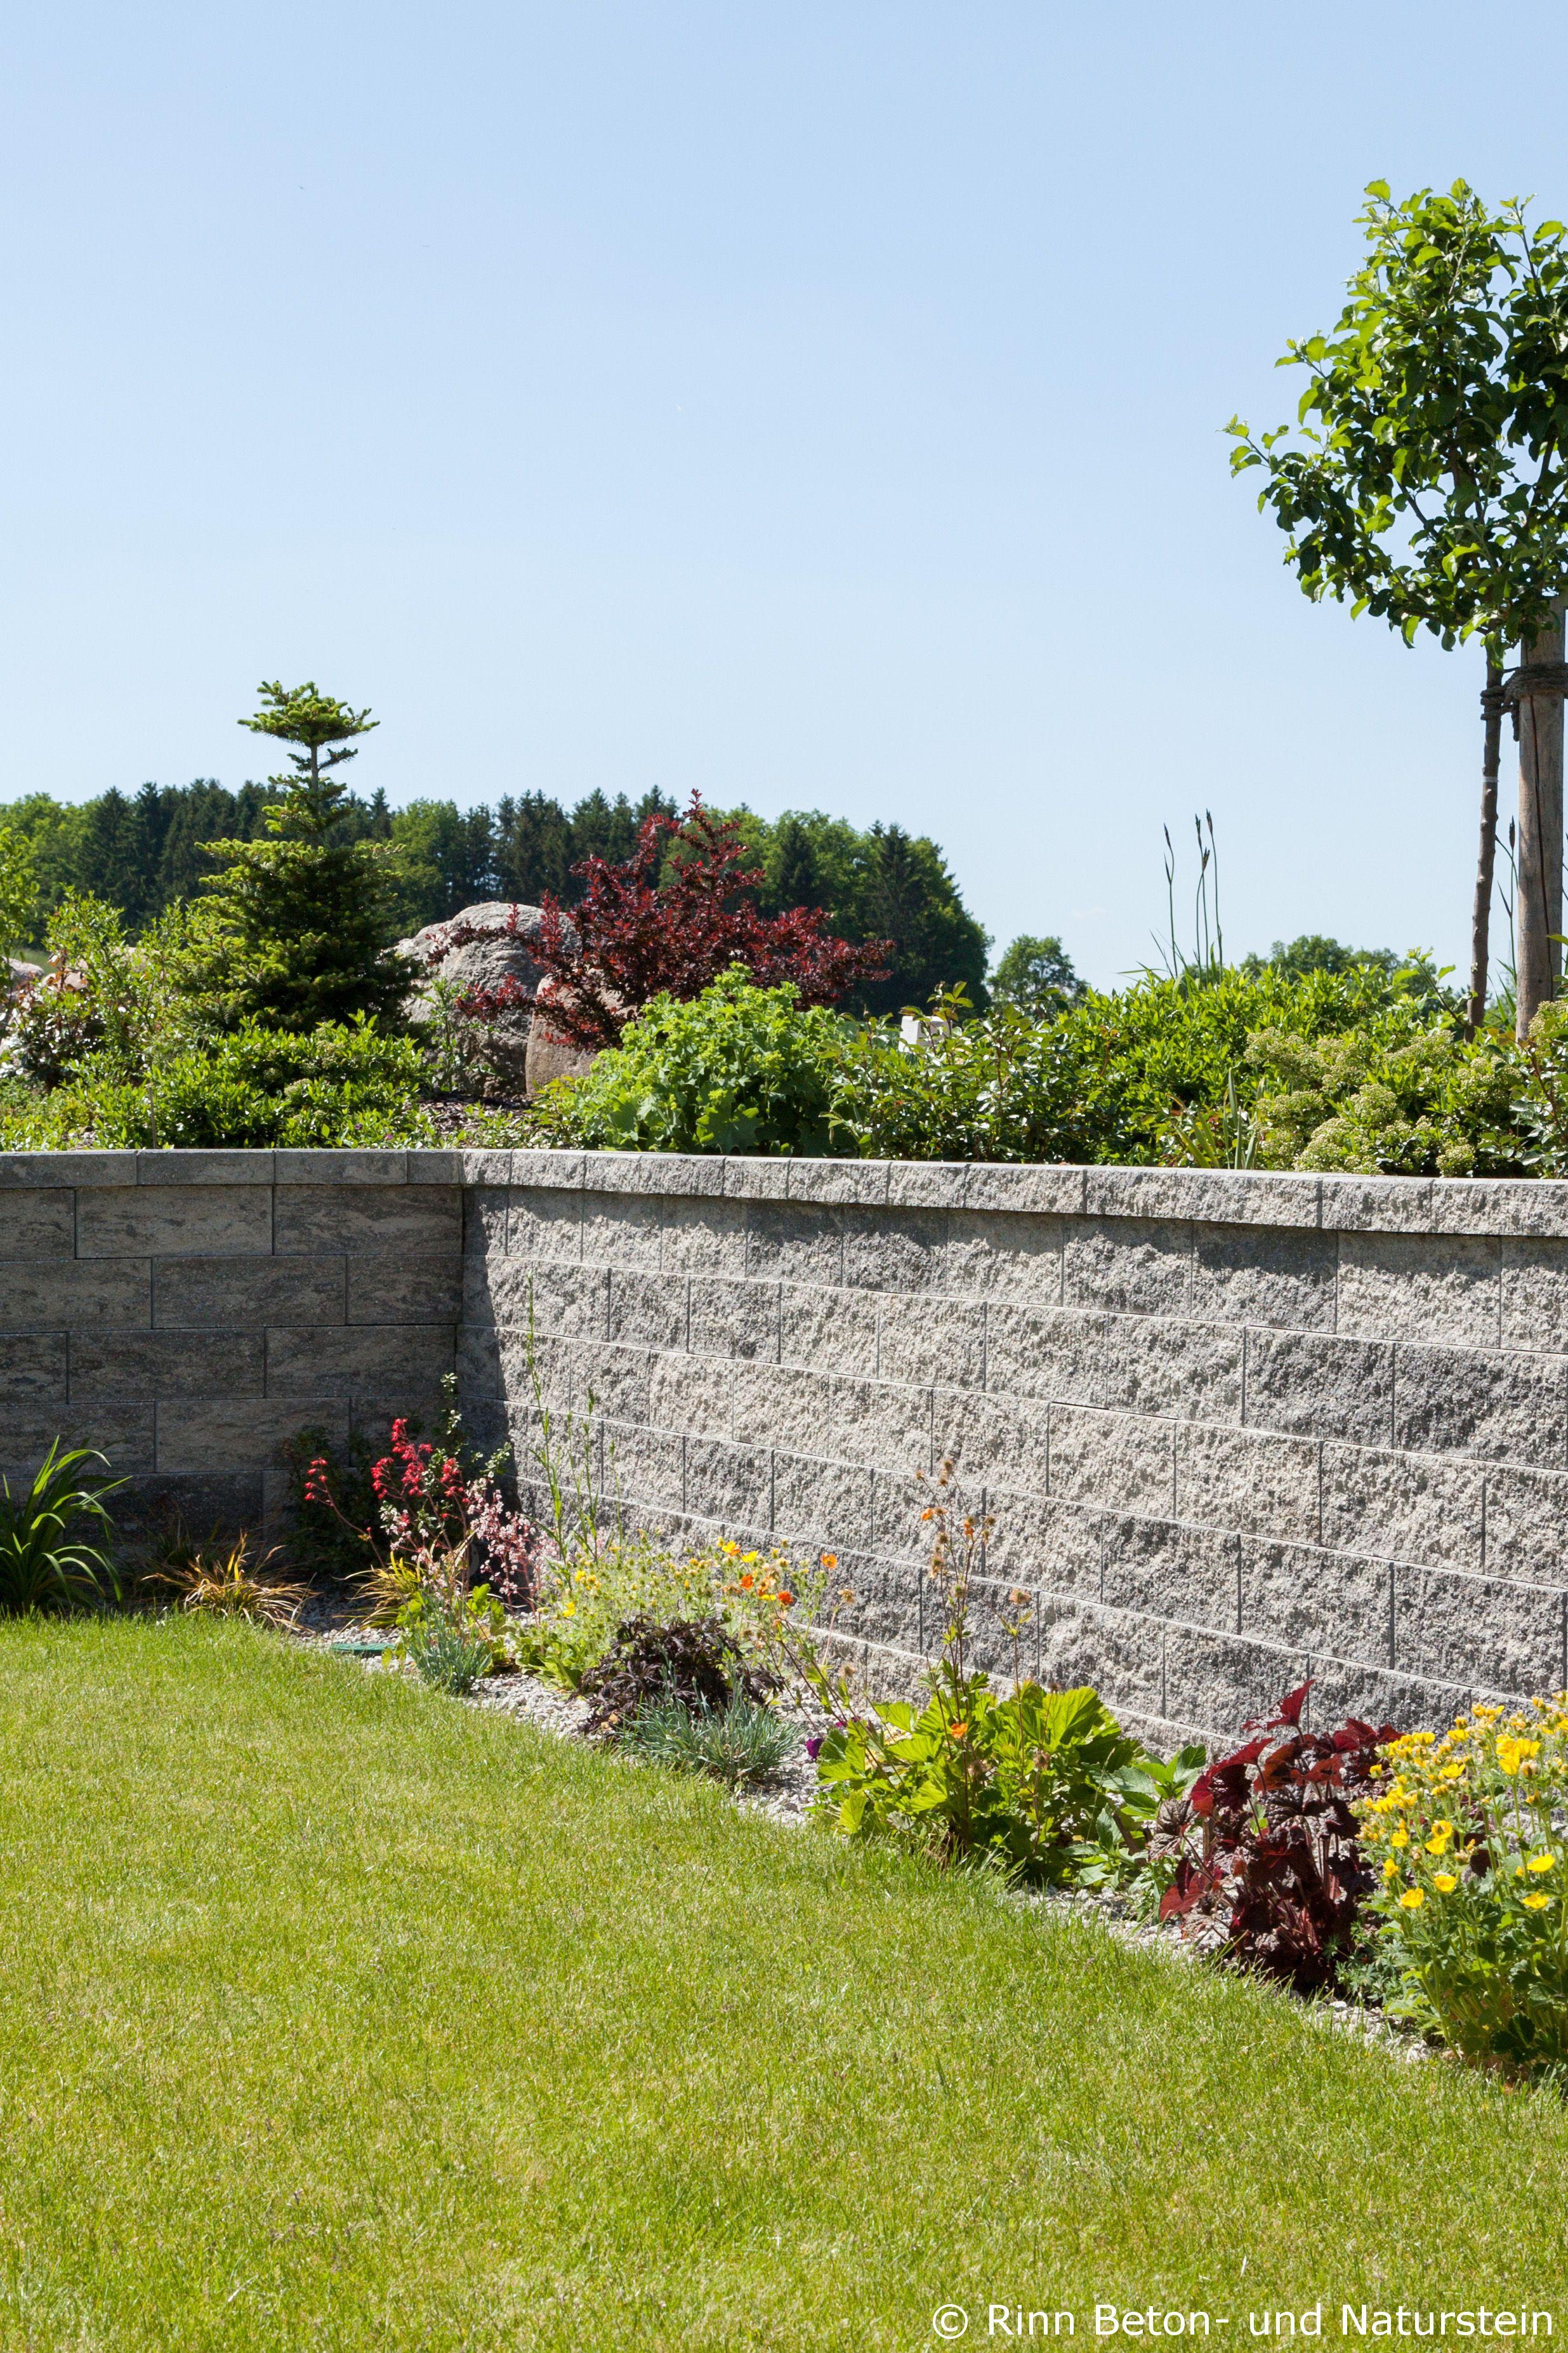 die steinmauer zur grundstückseingrenzung ist nicht nur als zaun